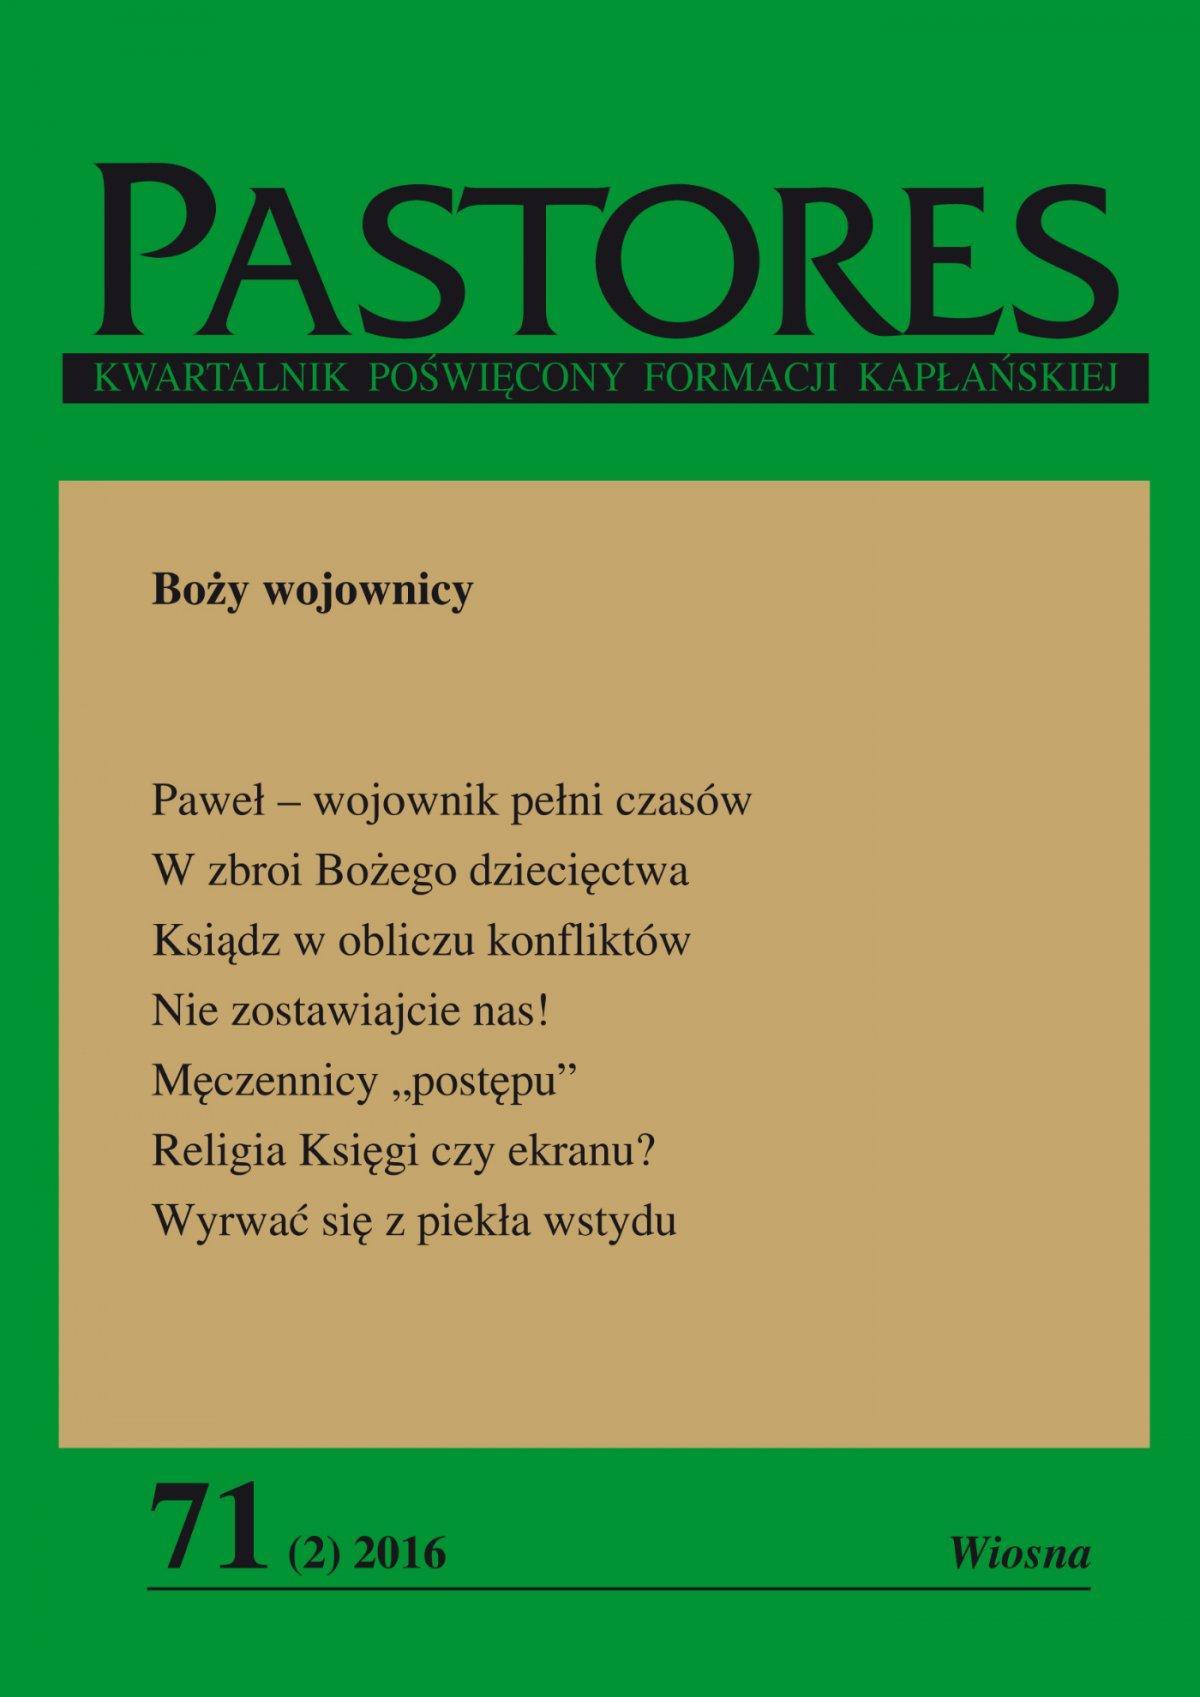 Pastores 71 (2) 2016 - Ebook (Książka EPUB) do pobrania w formacie EPUB